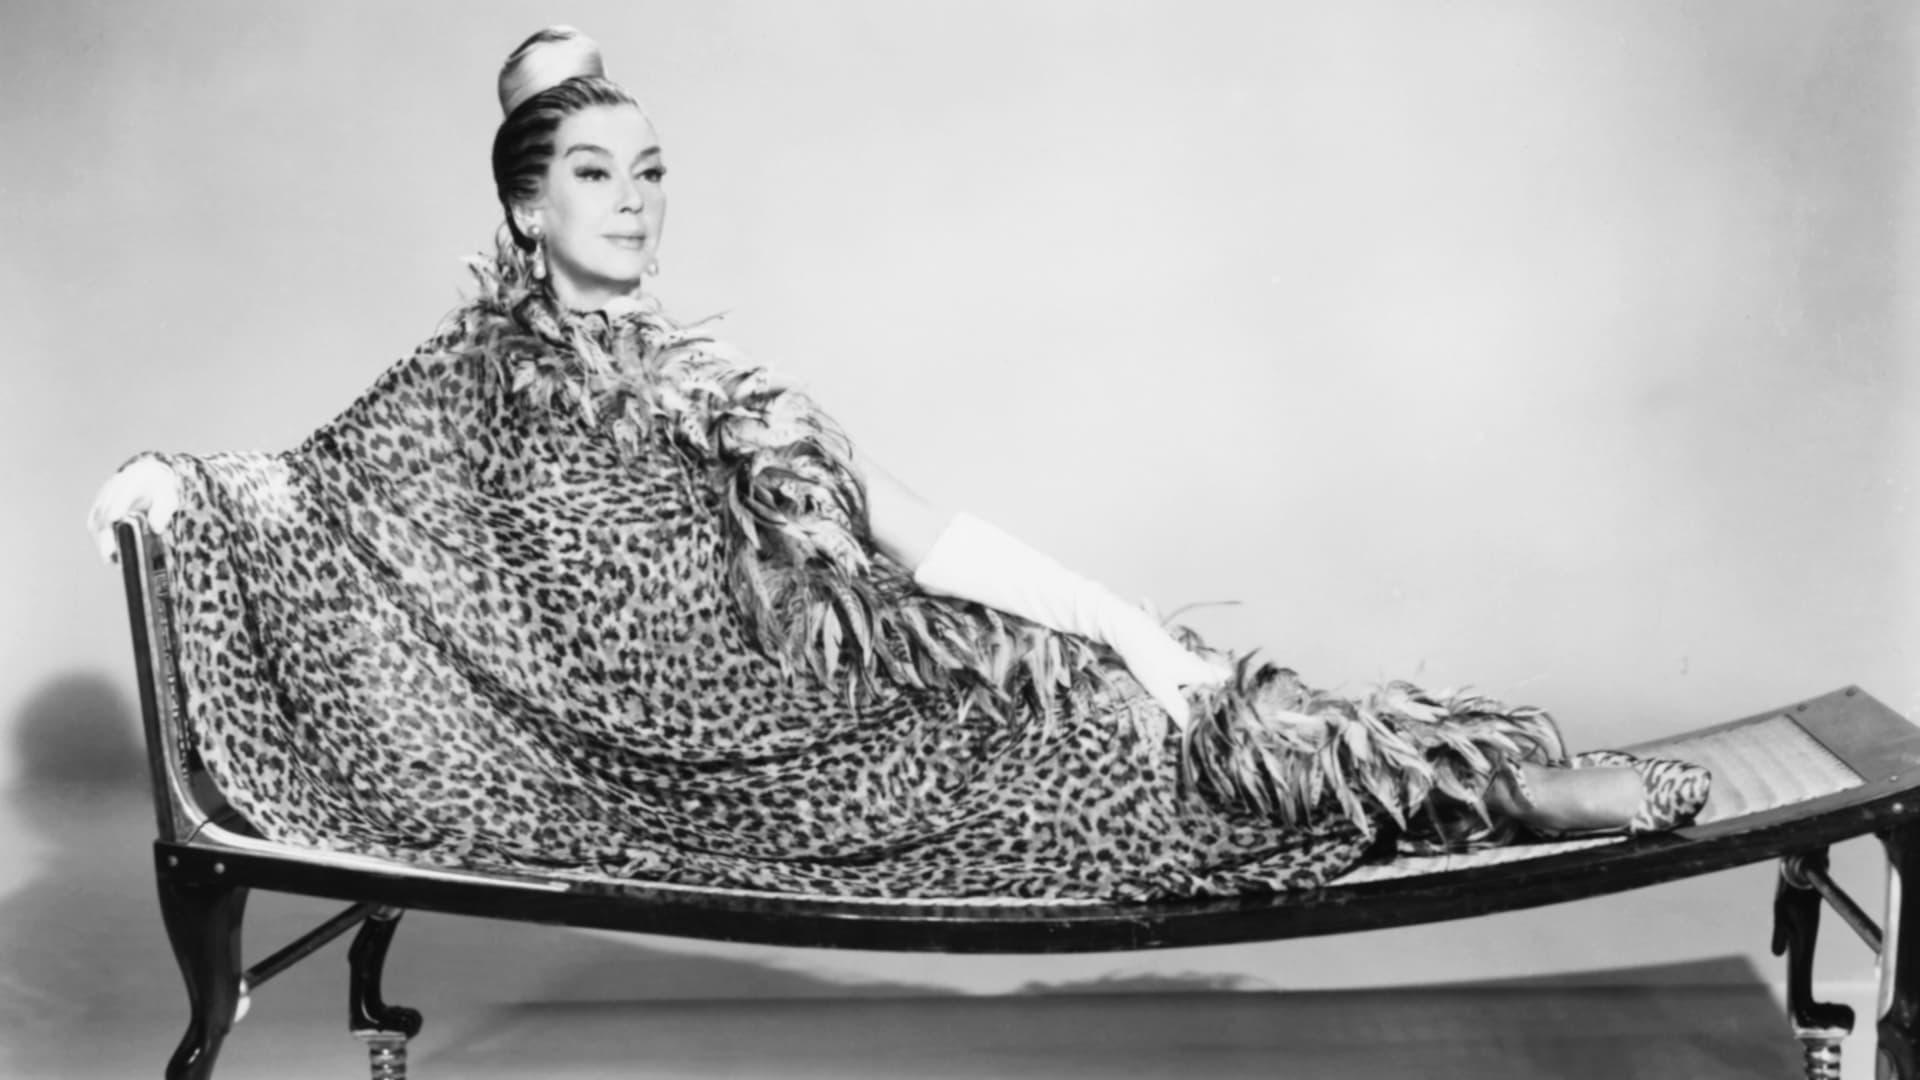 الممثلة روزاليند راسل ترتدي ثوب حرير من تصميم دار الأزياء غالانوس في جلسة تصوير ترويجية في العام 1967.